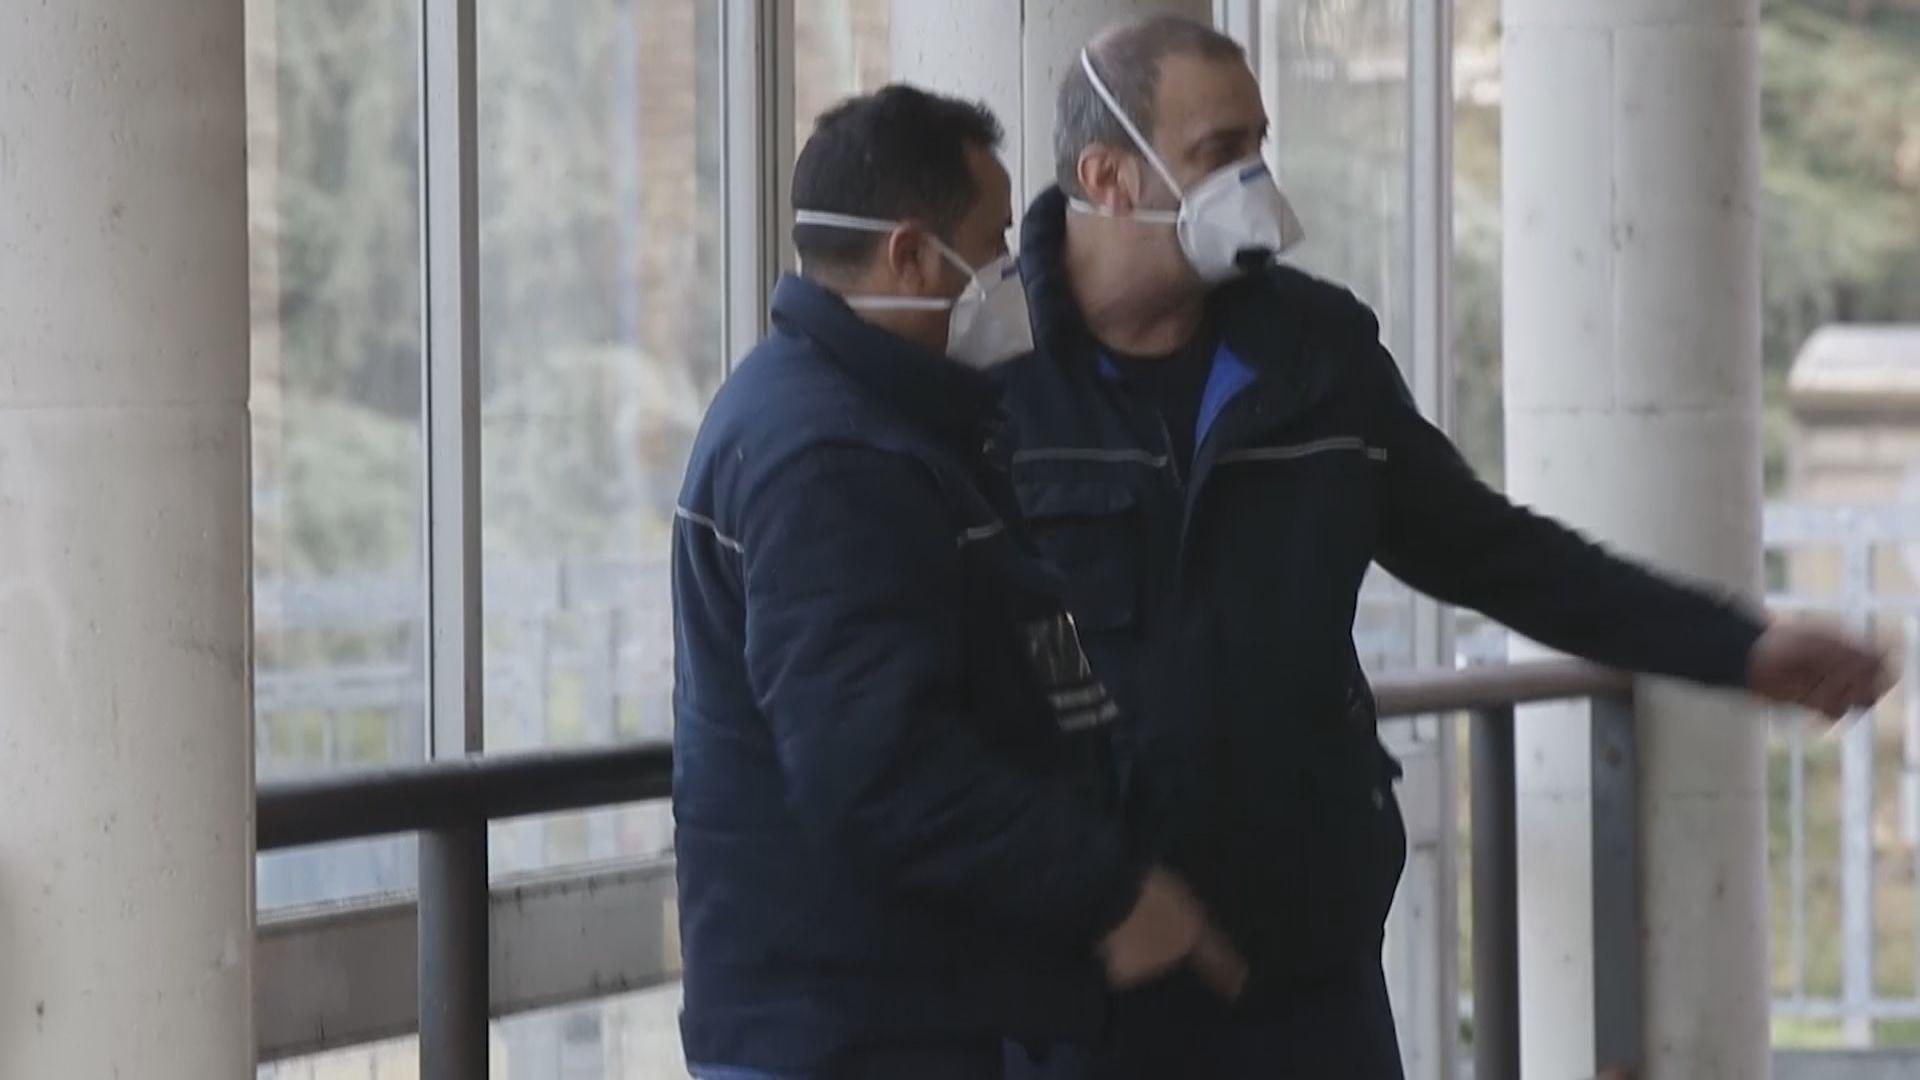 意大利新型冠狀病毒疫情蔓延至拉丁美洲及北非